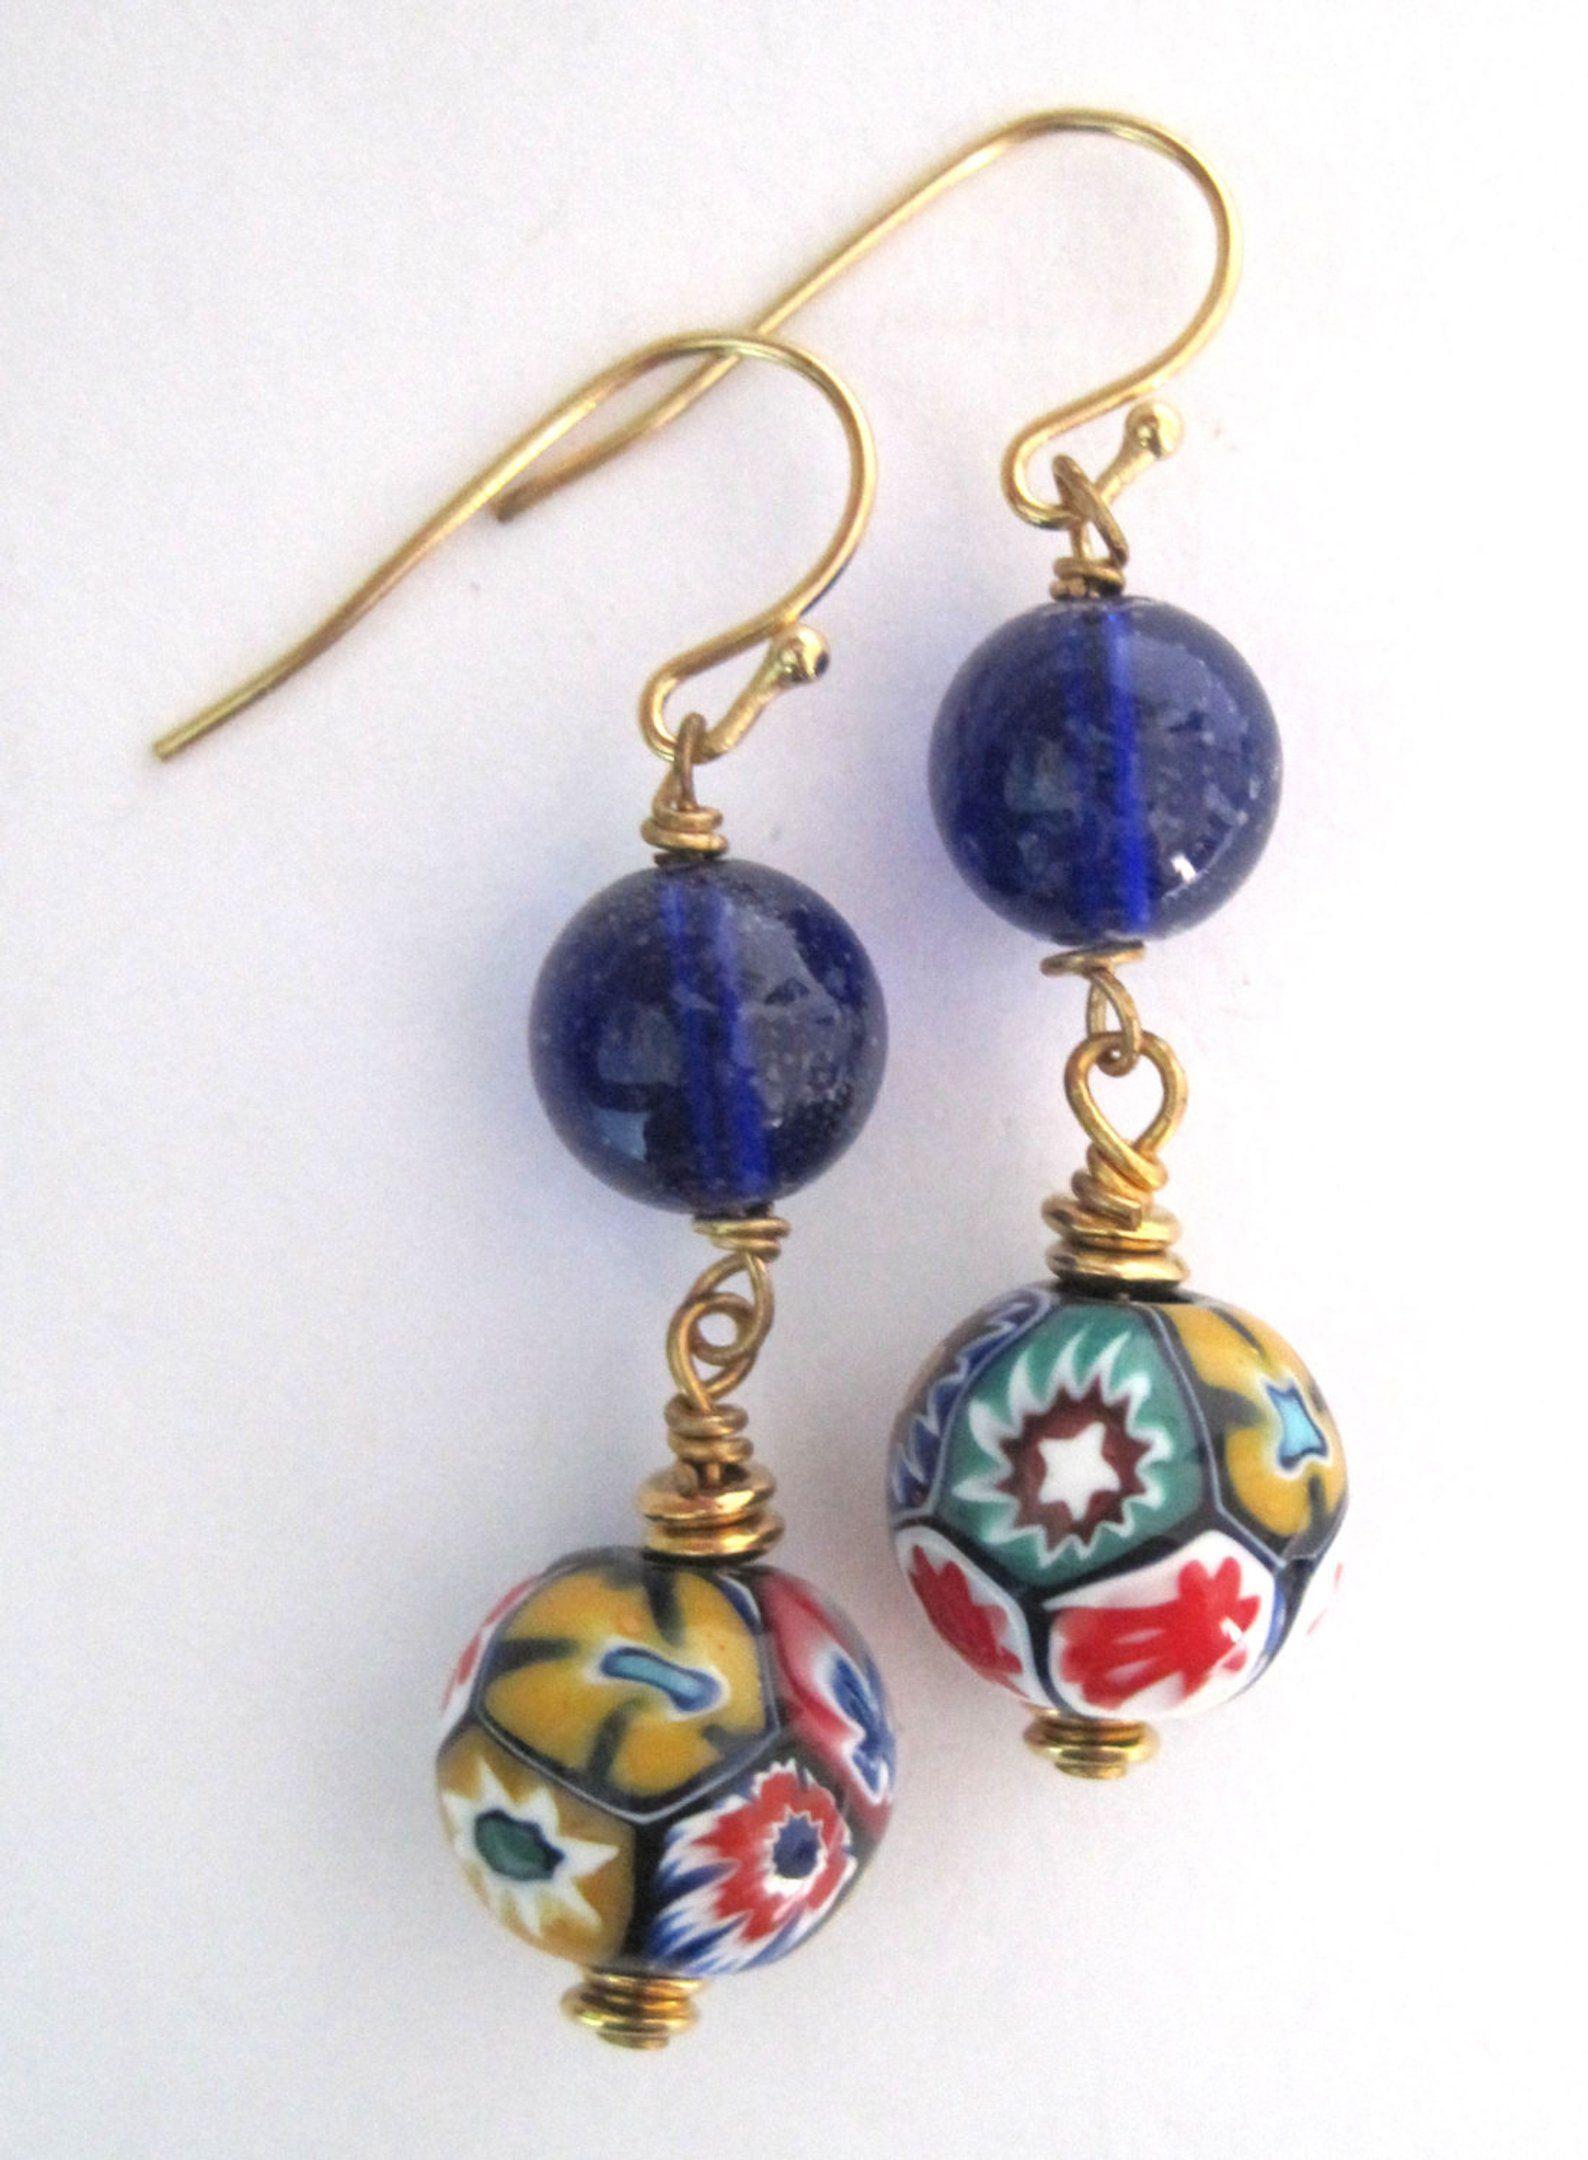 Vintage Blue Italian Millefiori Glass Earrings Venetian Glass In 2020 Venetian Glass Earrings Glass Earrings Murano Glass Earrings